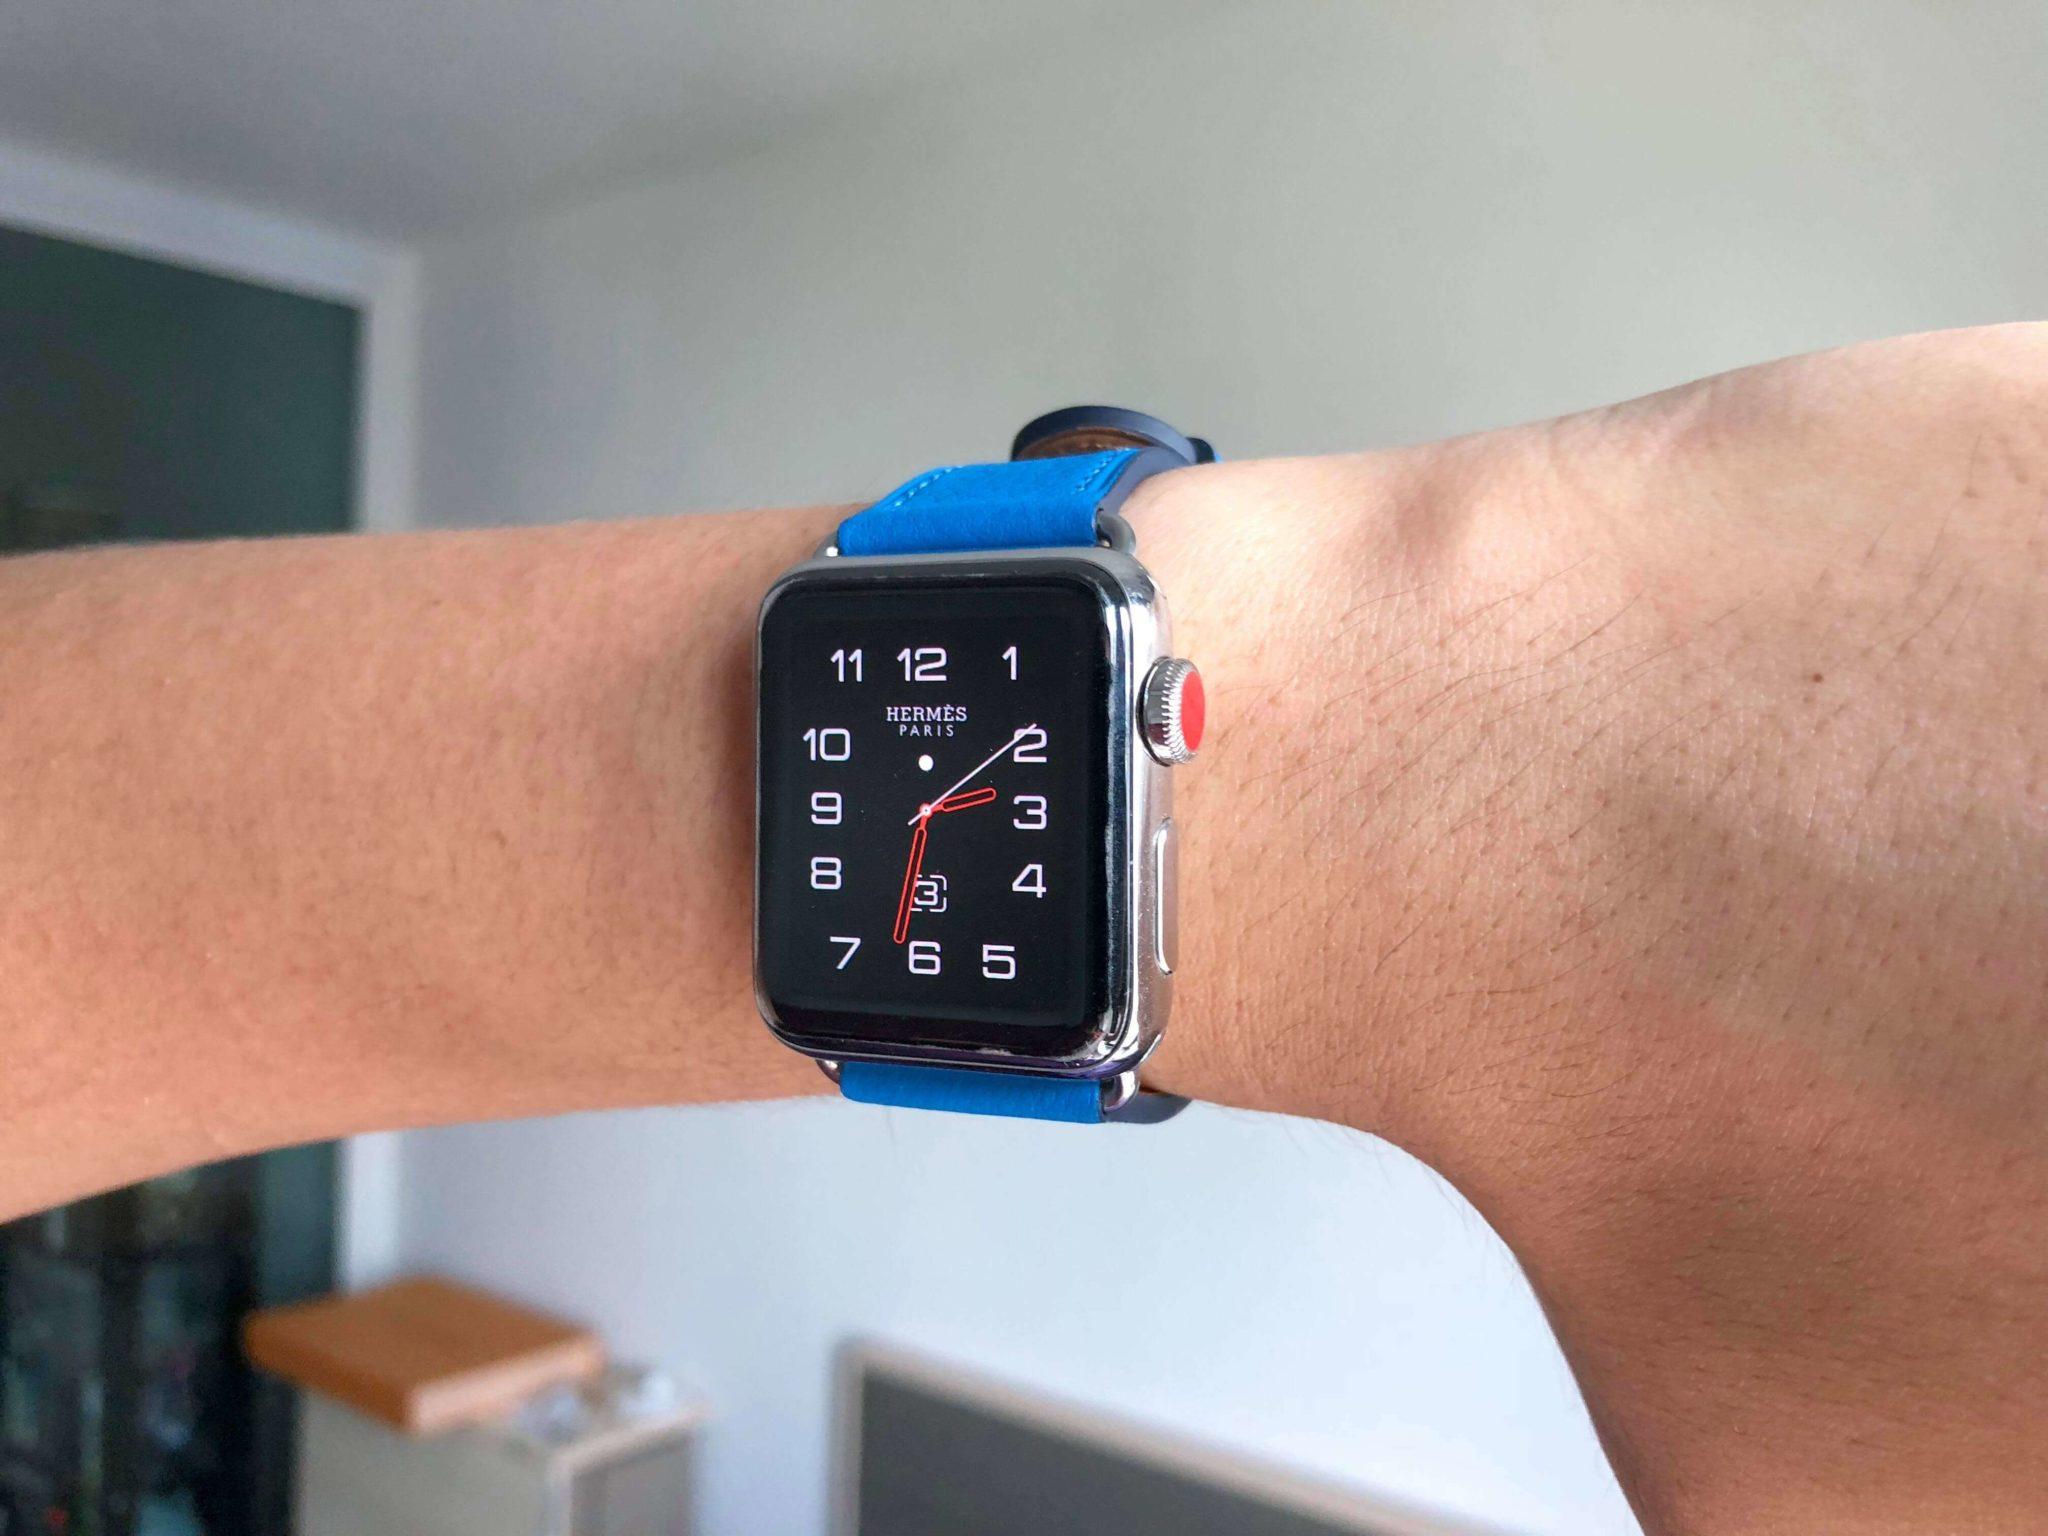 รีวิว Apple Watch LTE นาฬิกาแอปเปิ้ลใหม่ใส่ซิม โทรได้แม้ไร้ iPhone 16 - Smart Home